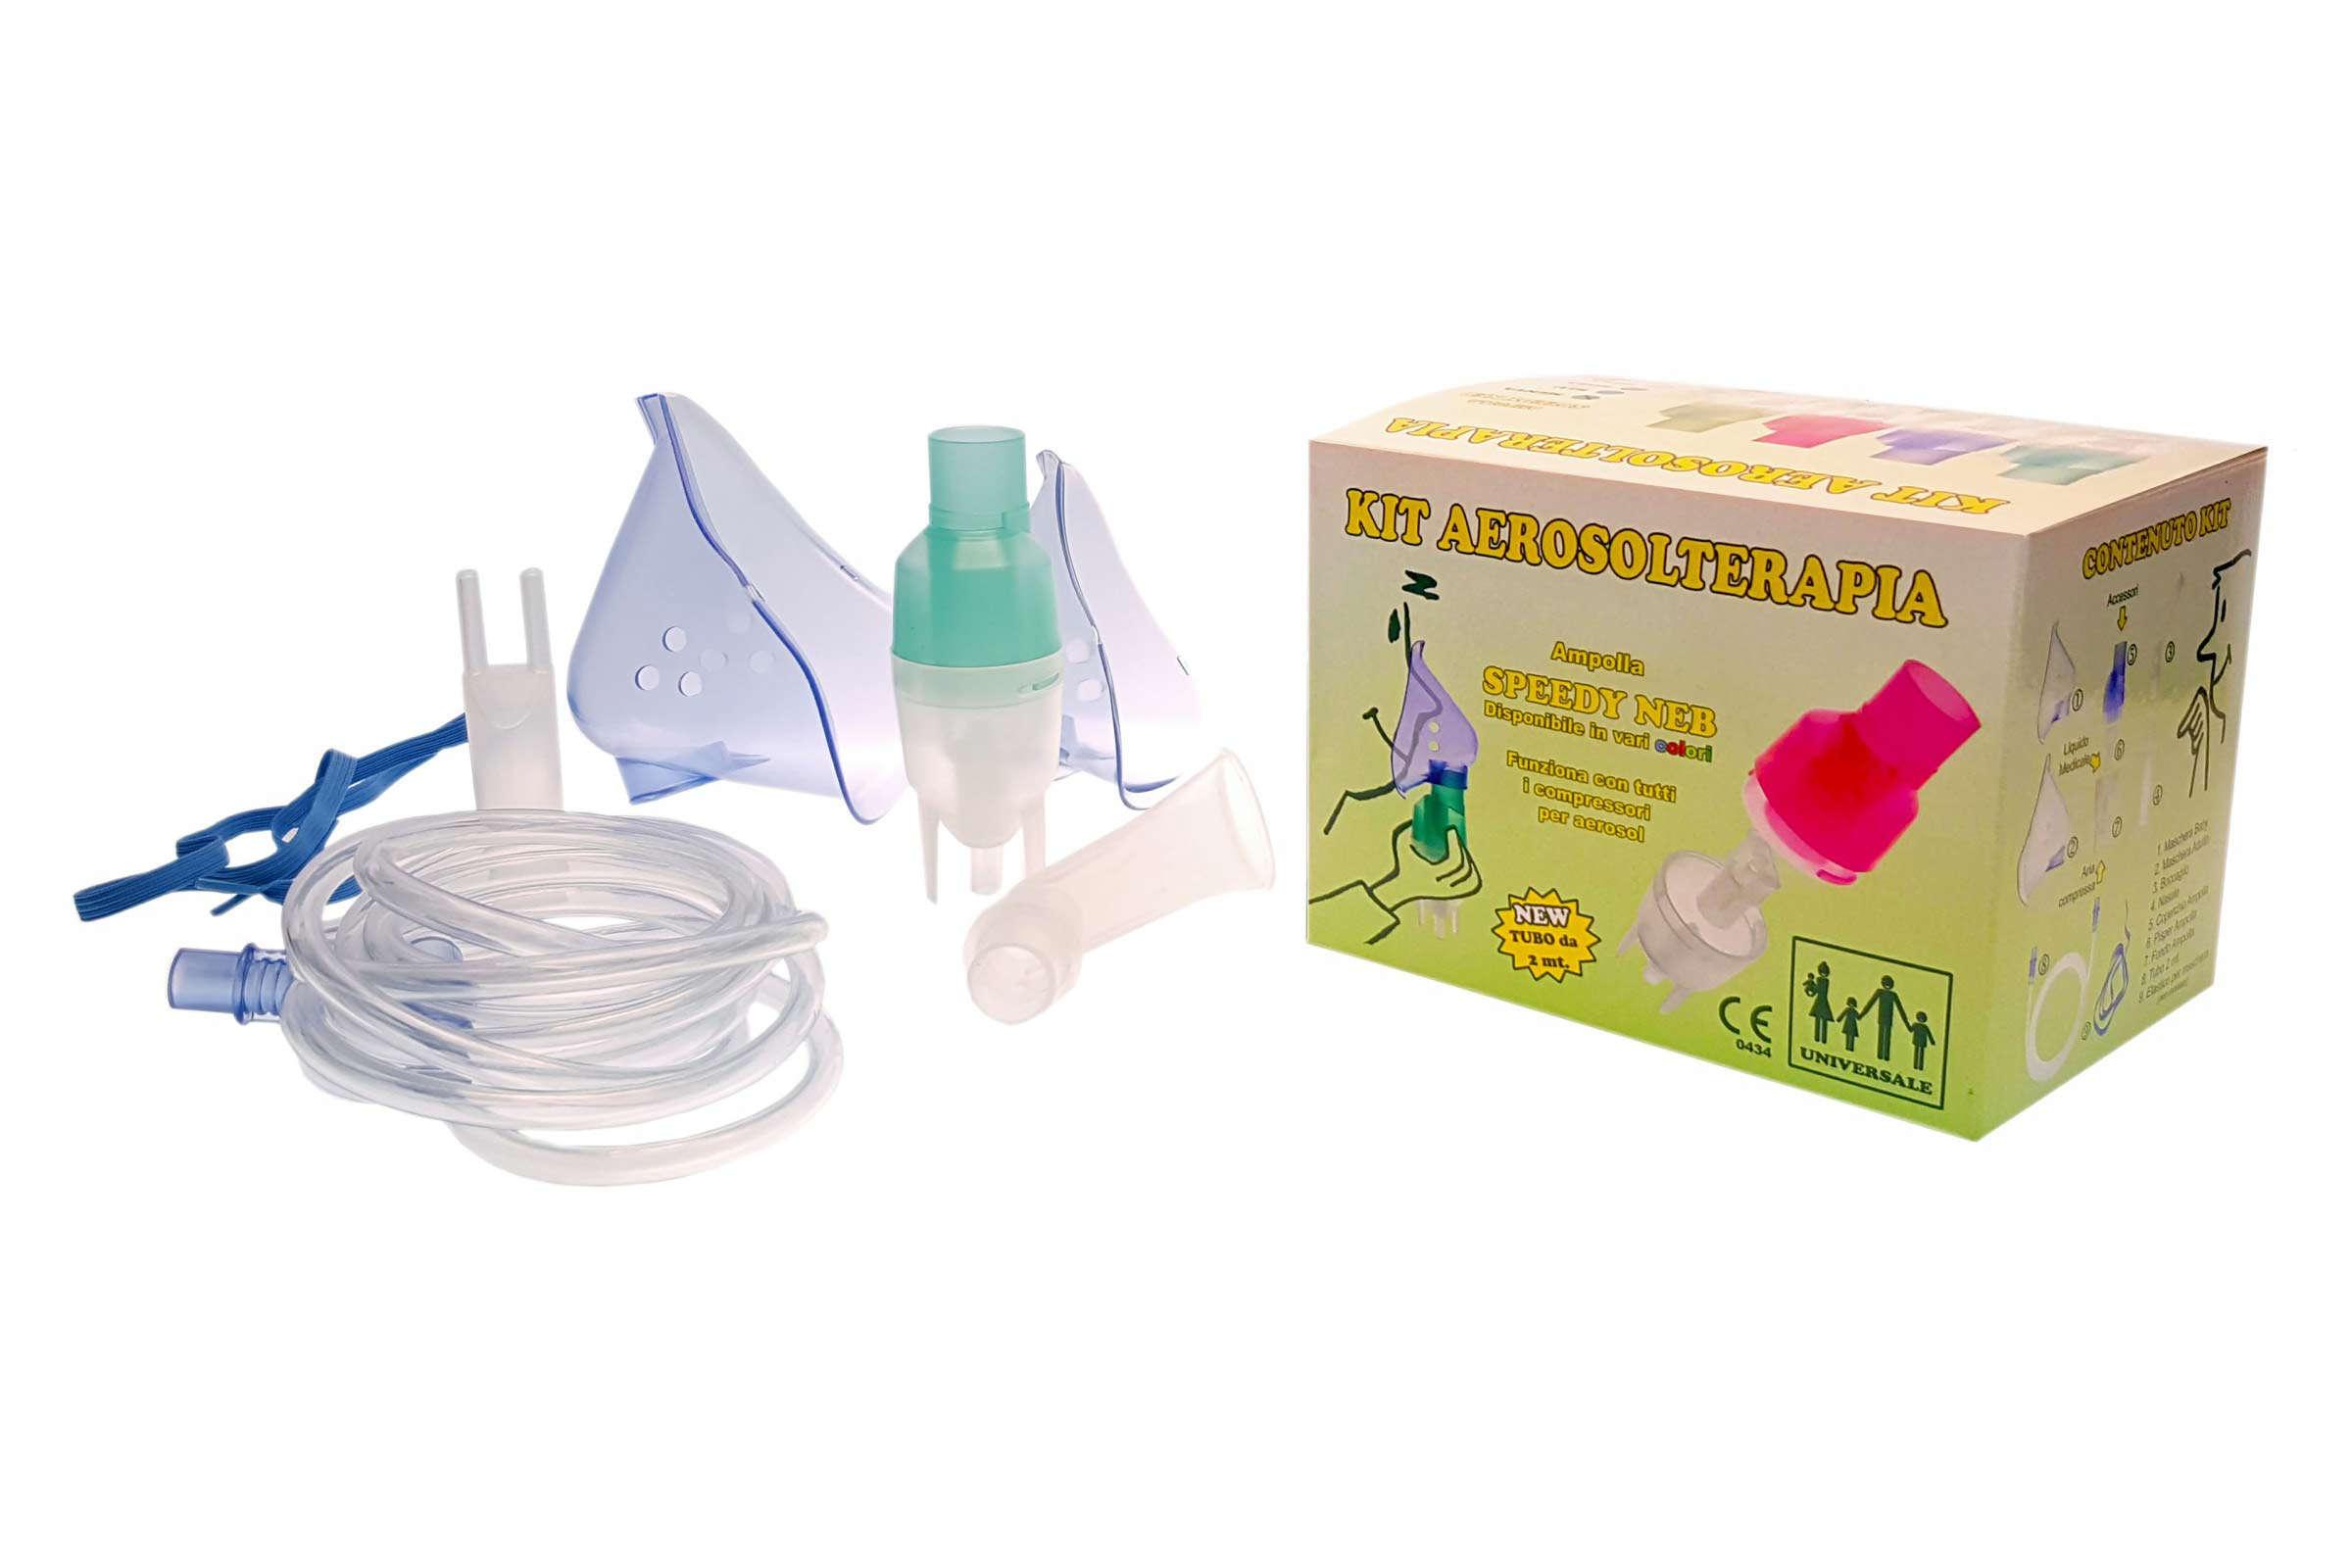 KIT per Aerosolterapia Speedy con nebulizzatore e confezione - Fratelli Marchesi Srl